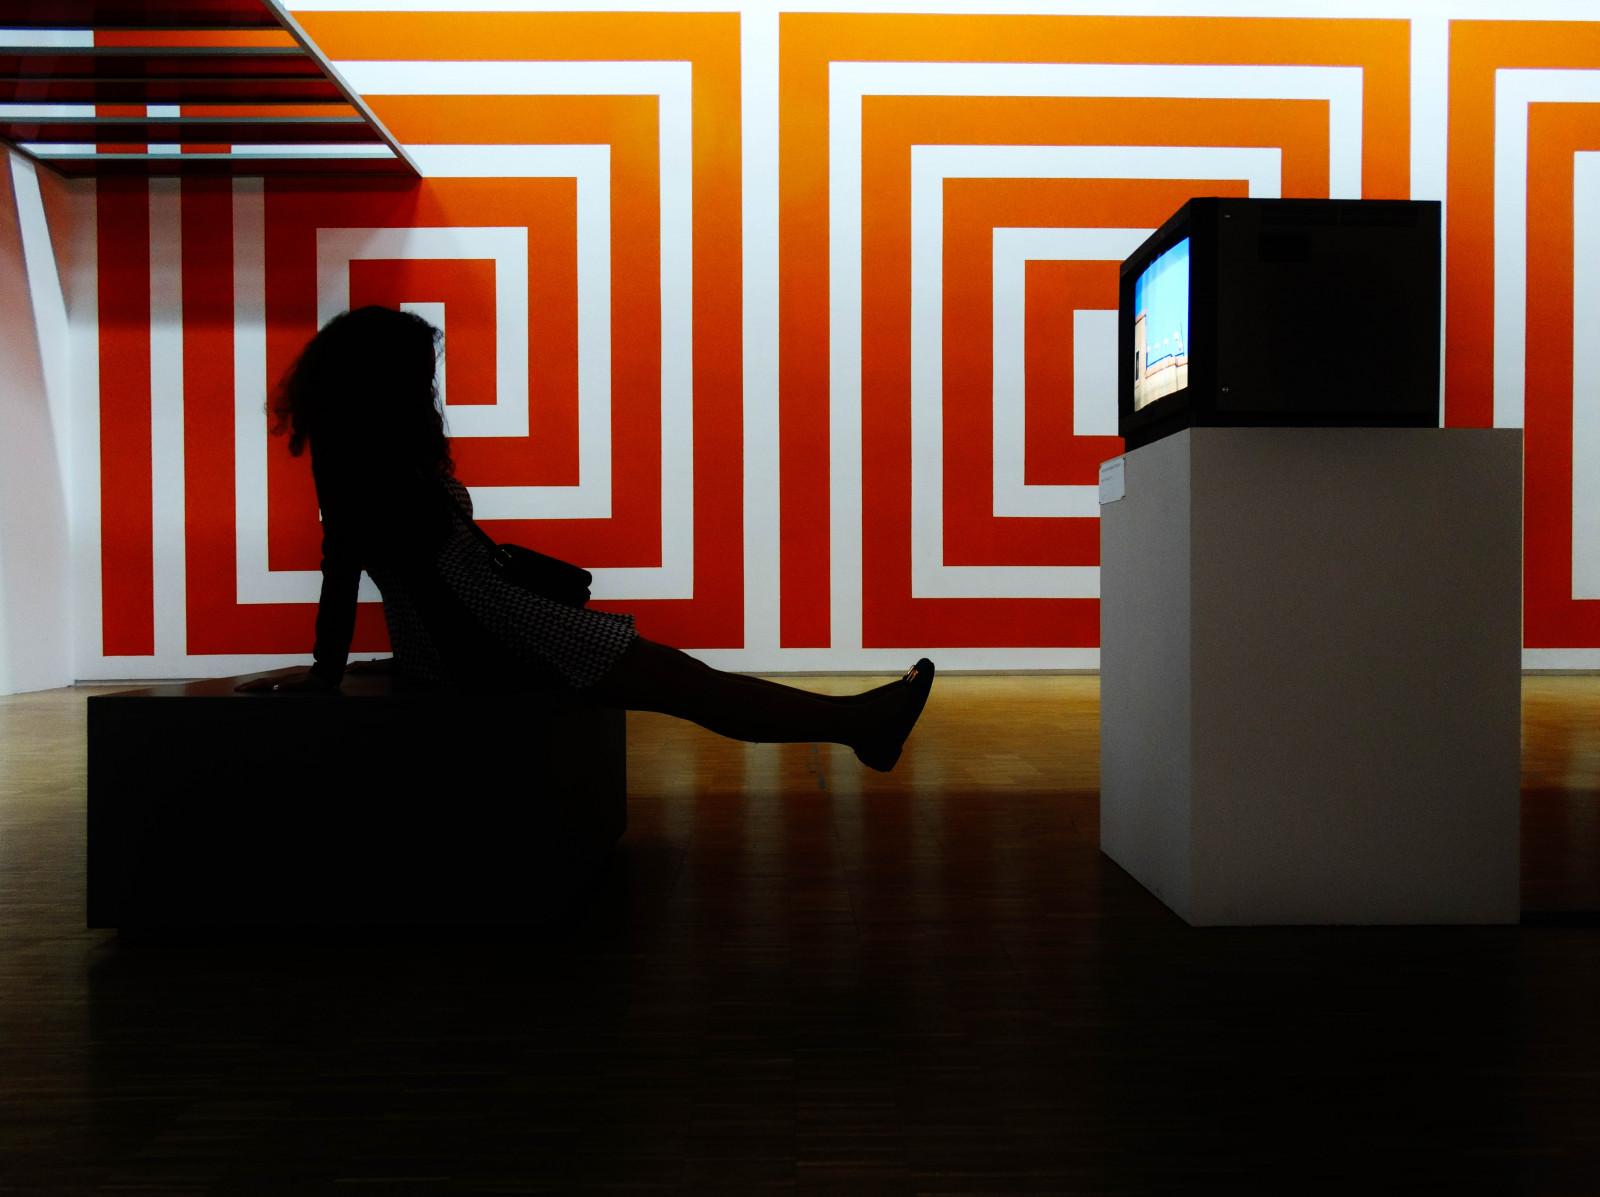 Hintergrundbilder : Schatten, Silhouette, Tabelle, Sessel, Geometrie ...